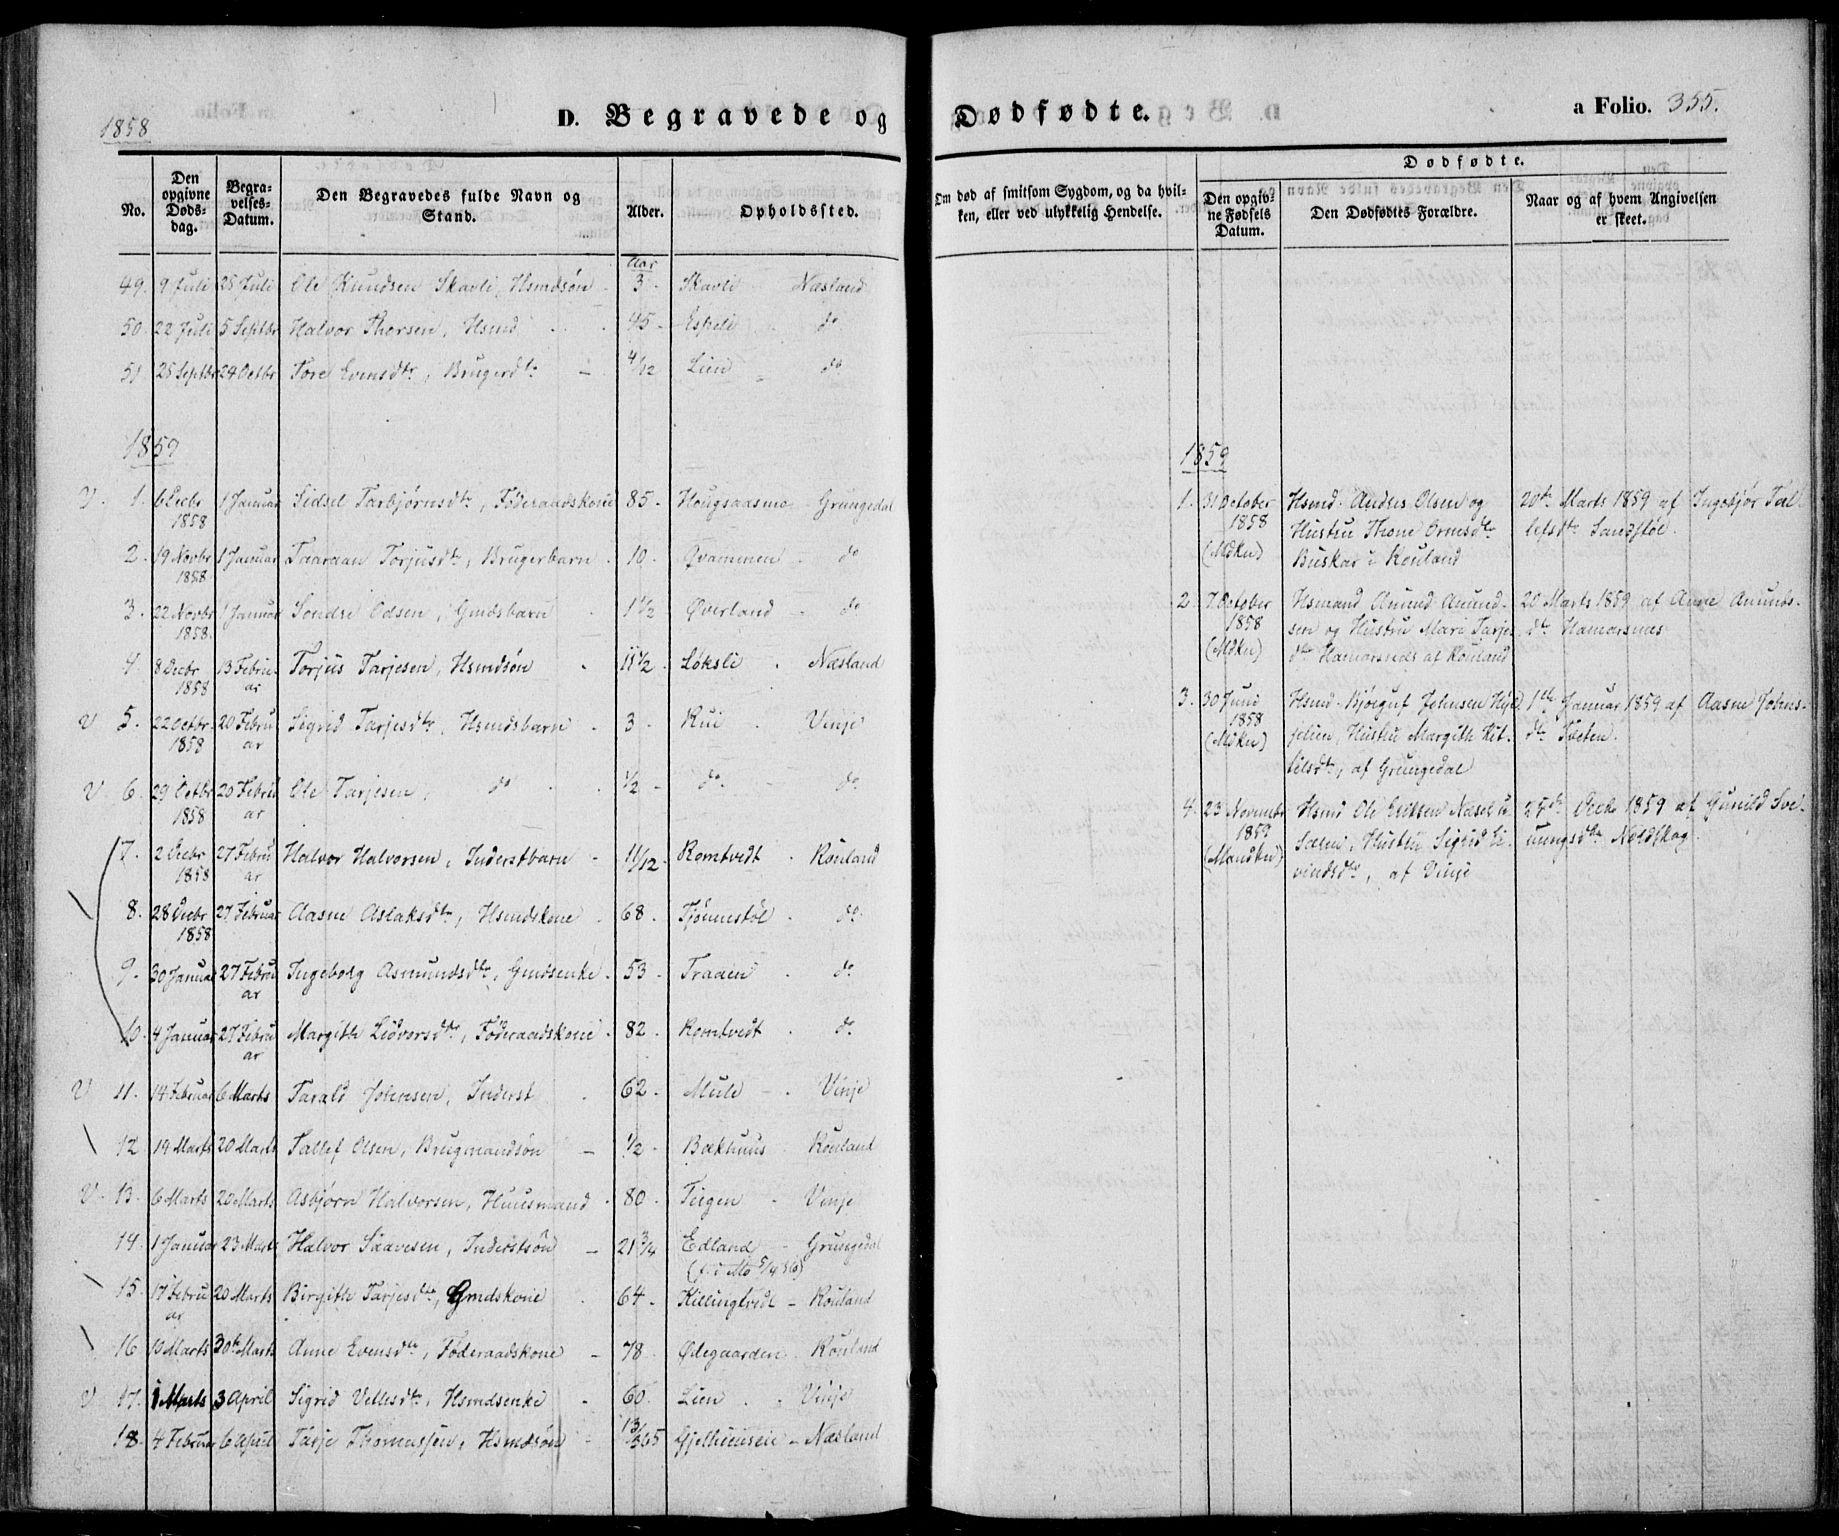 SAKO, Vinje kirkebøker, F/Fa/L0004: Ministerialbok nr. I 4, 1843-1869, s. 355